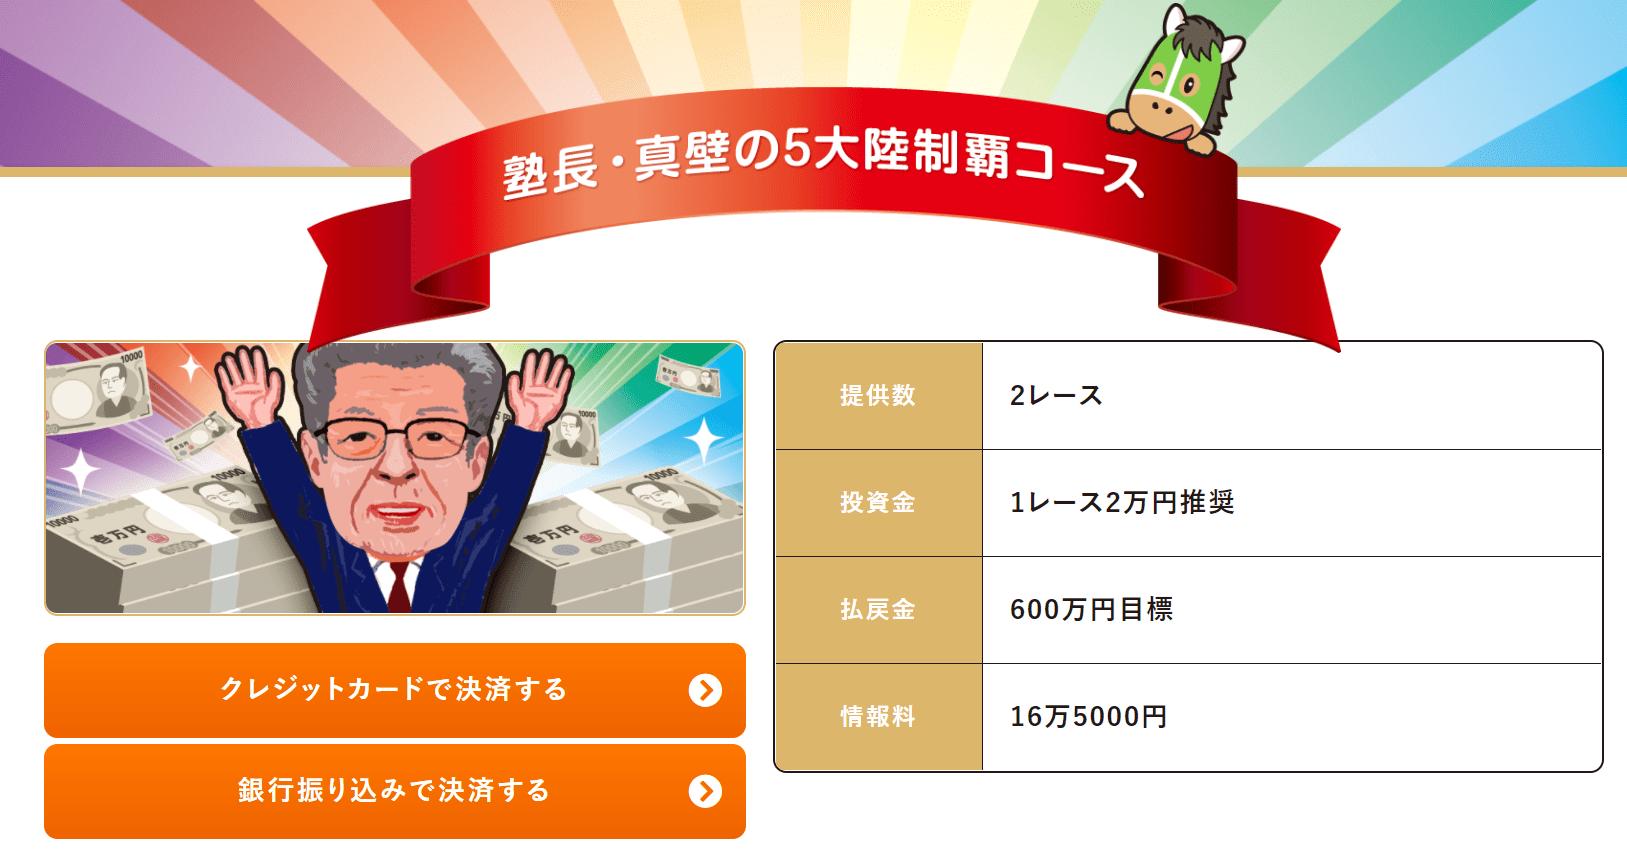 ウマリンピック_塾長・真壁の5大陸制覇コース